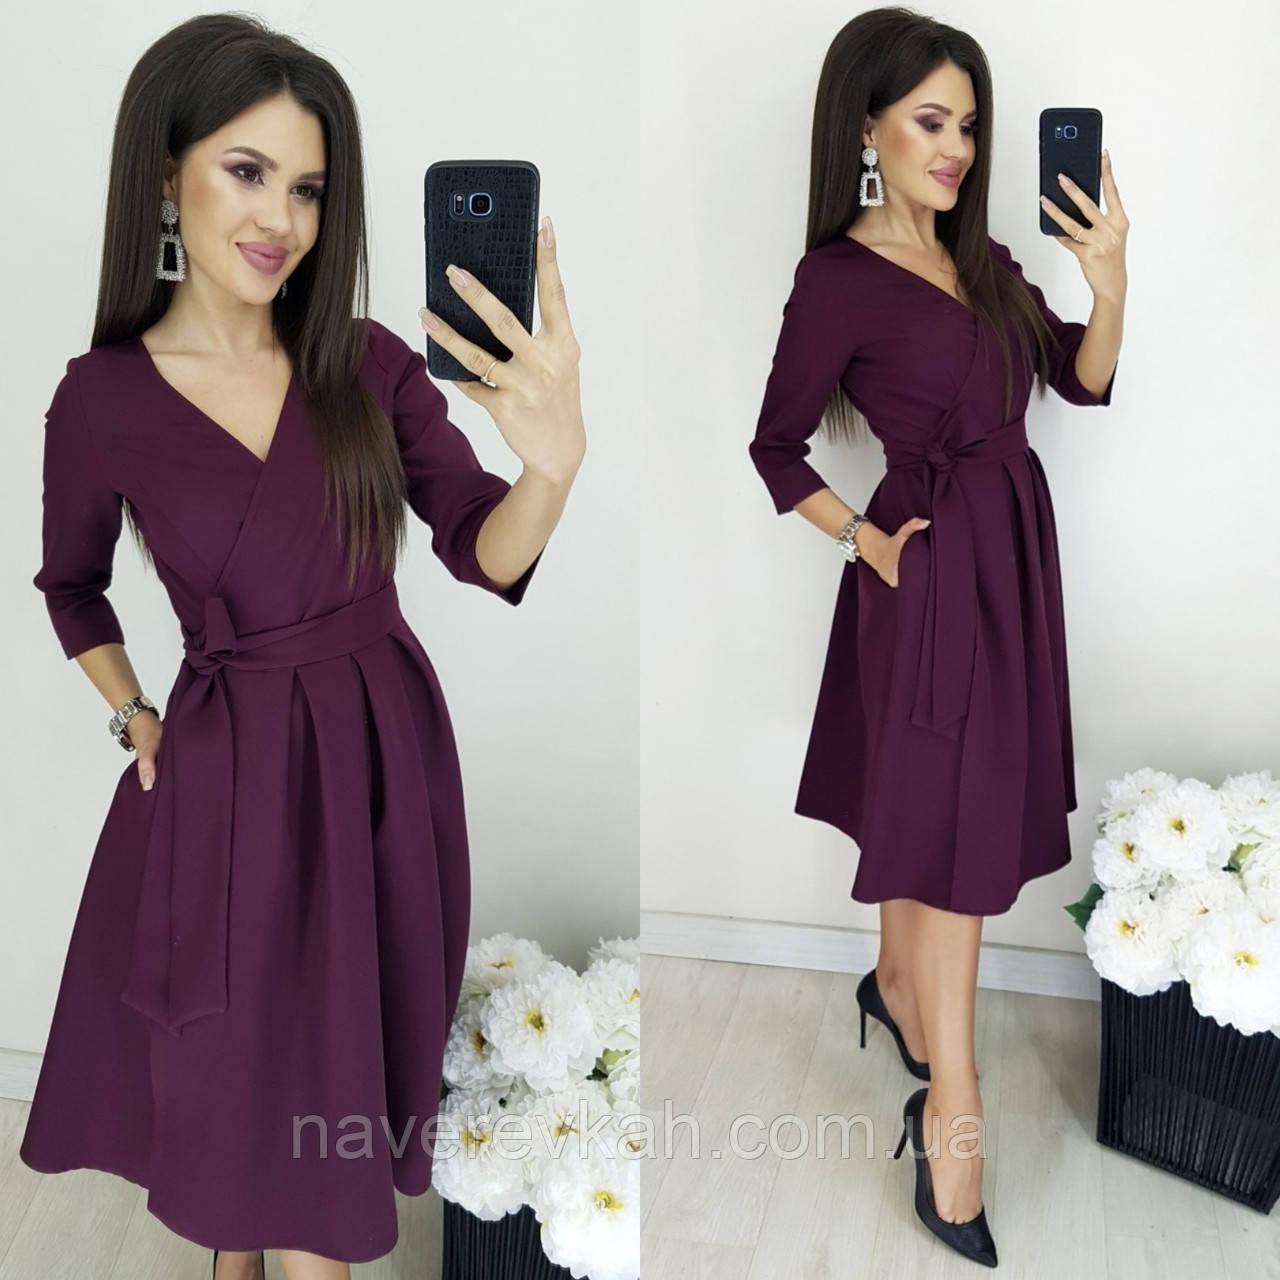 Женское платье костюмка марсала бутылка 44 46 48